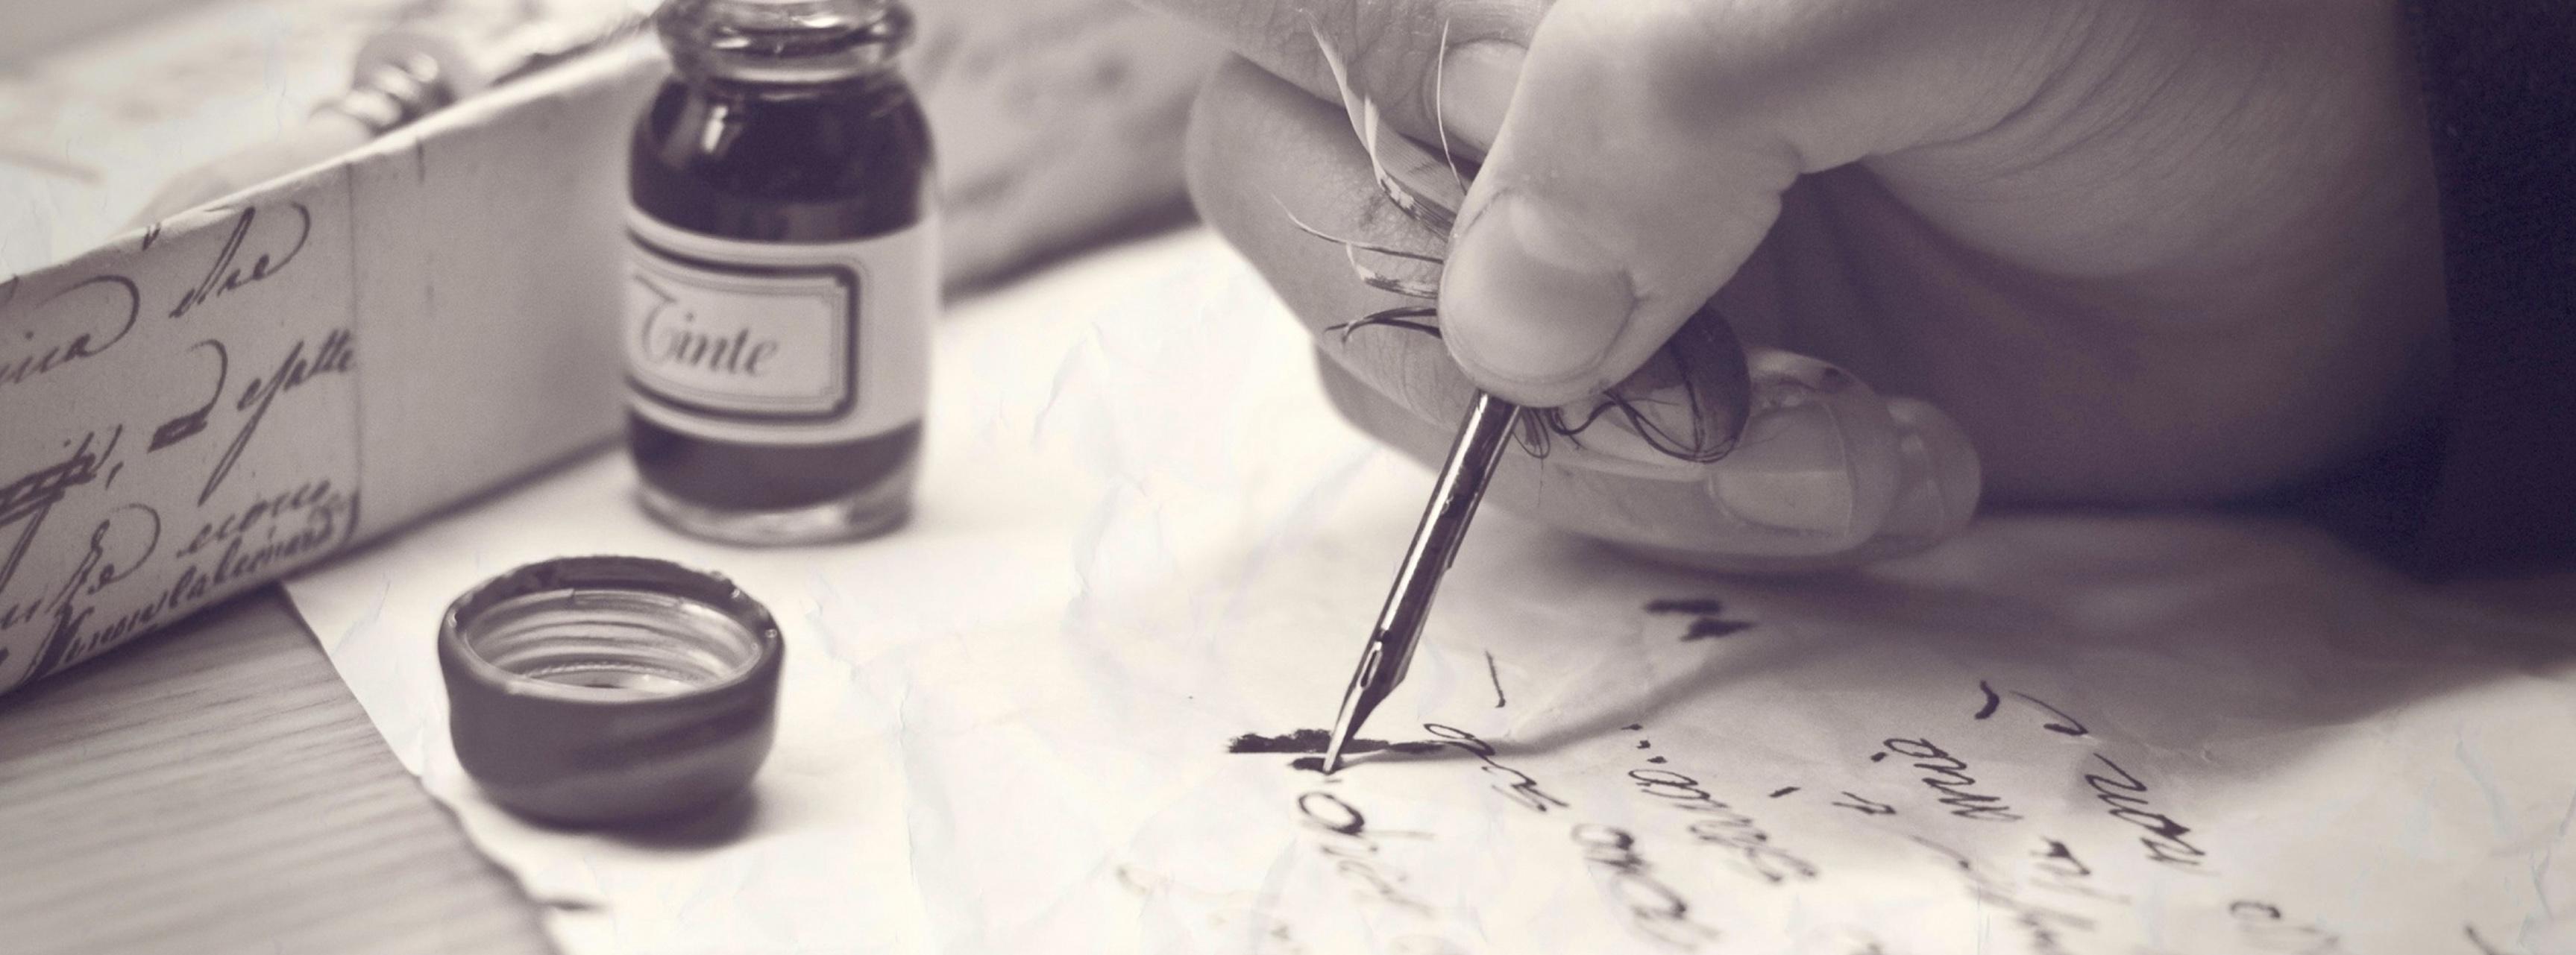 ecriture d'un poeme sur une feuille